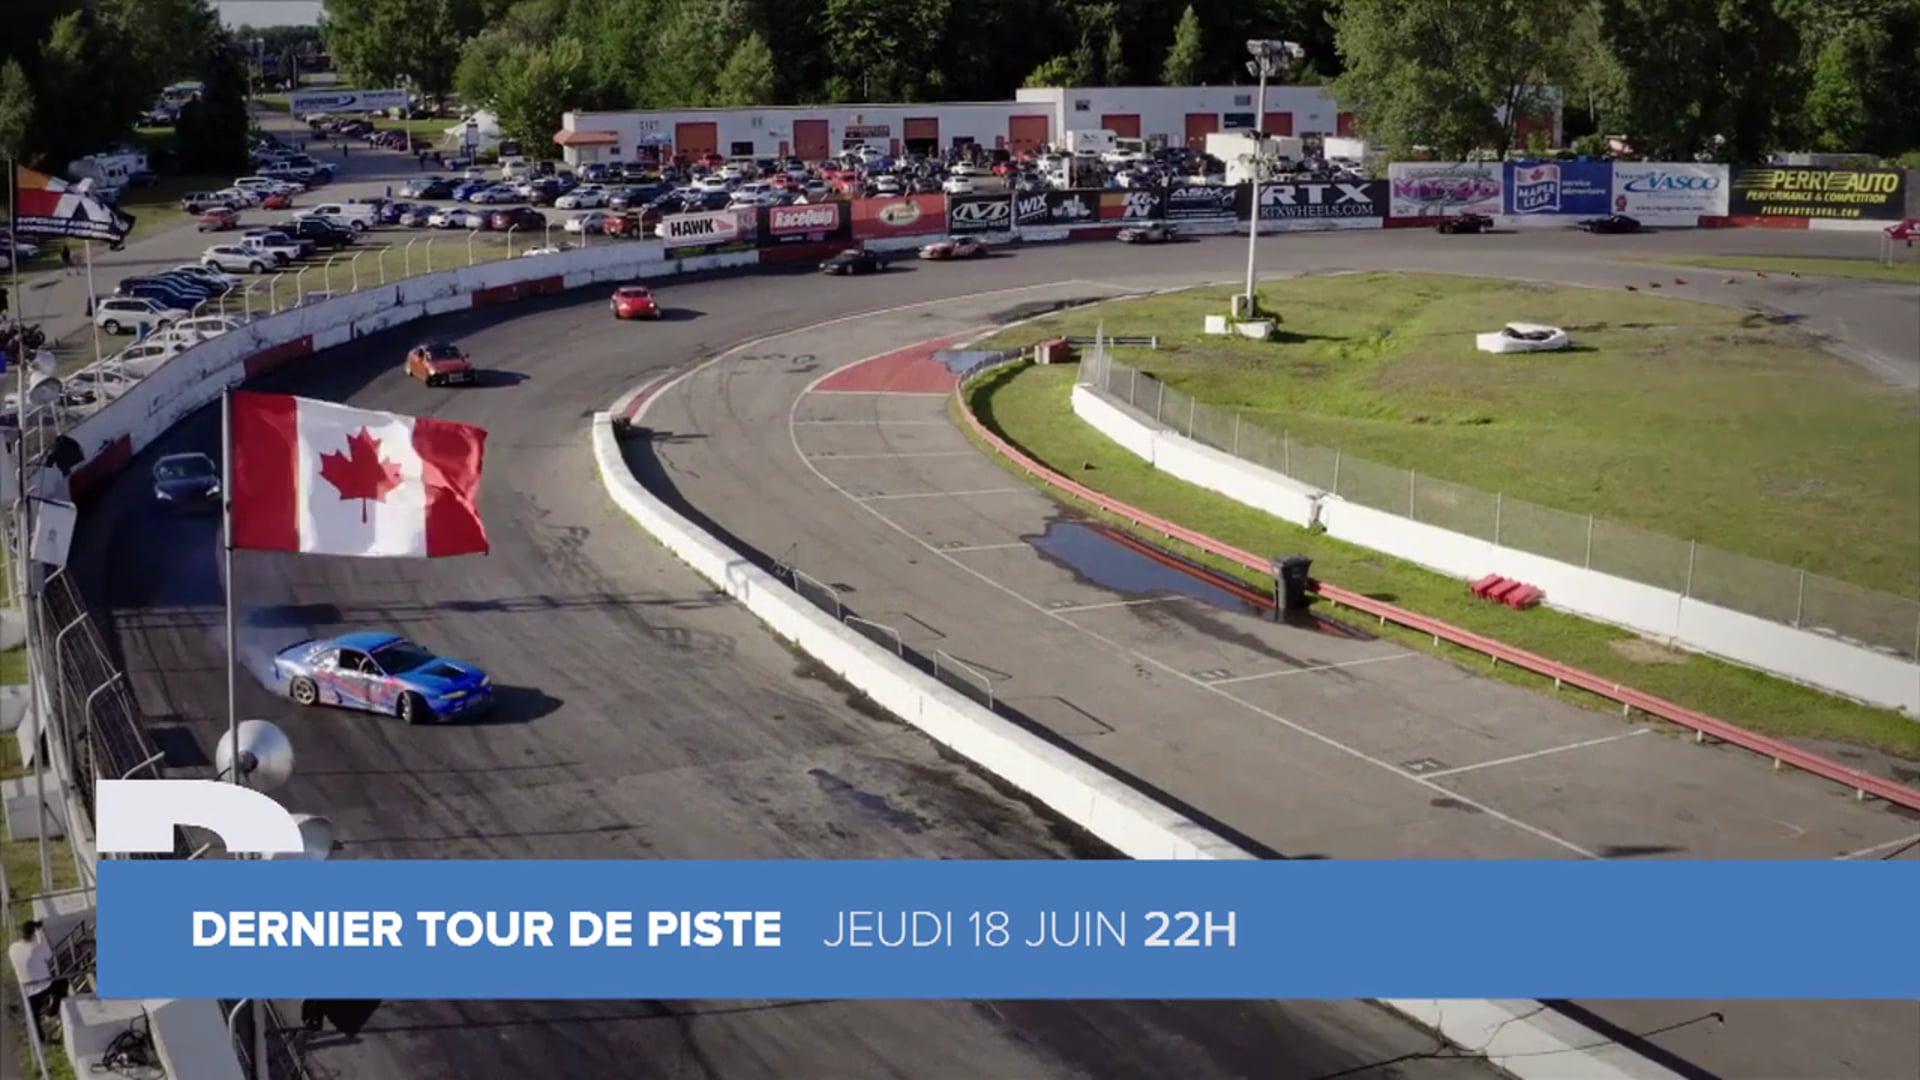 Canal D | Dernier tour de piste (bande-annonce)